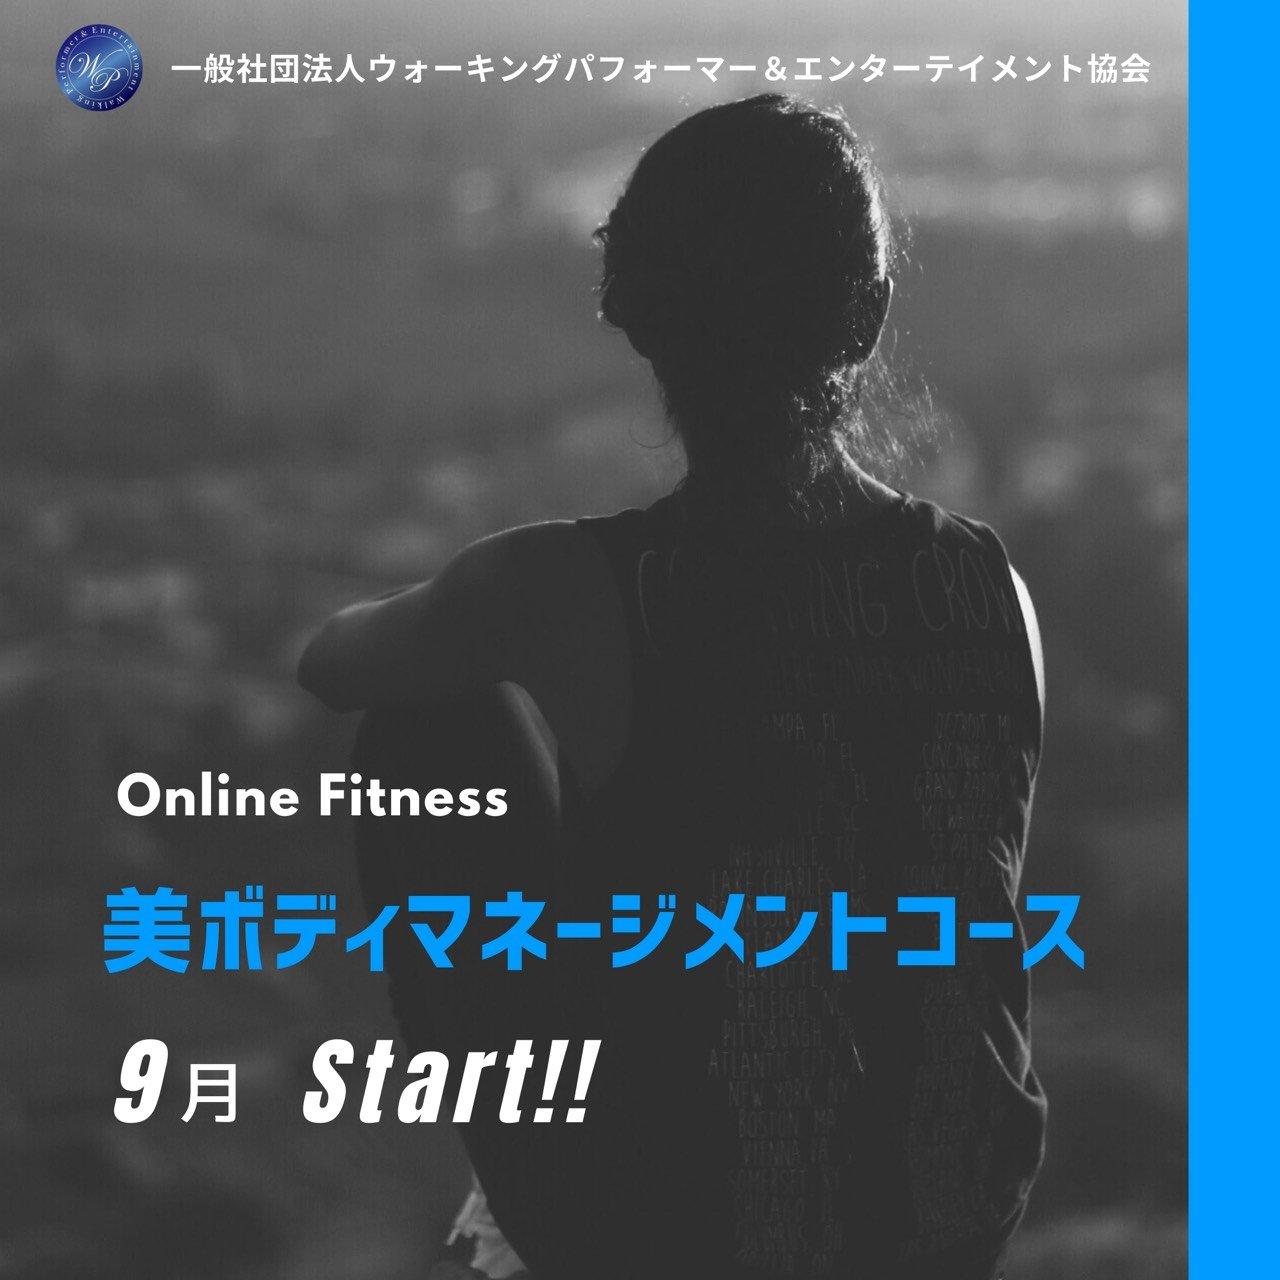 【単発BGサロンメンバー用】オンラインフィットネスのイメージその1